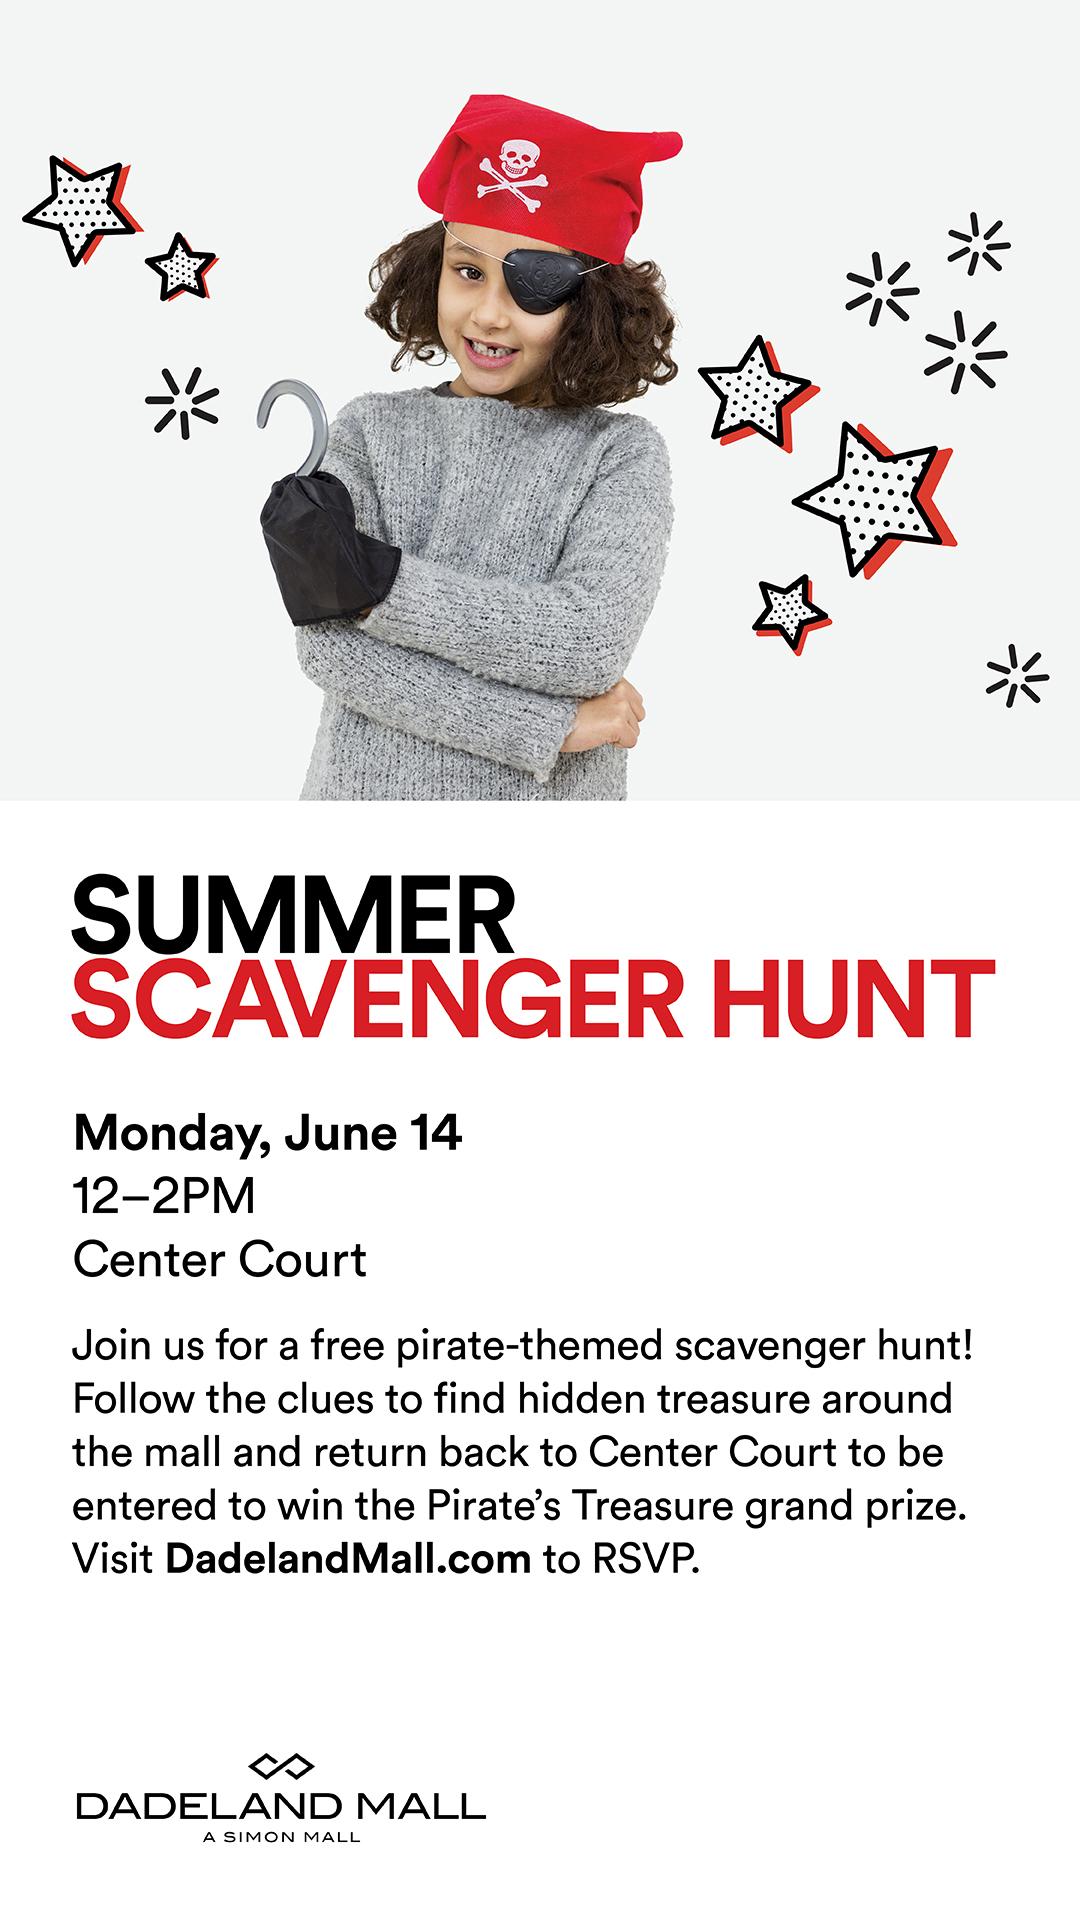 Hunt prizes scavenger mall Mall Scavenger